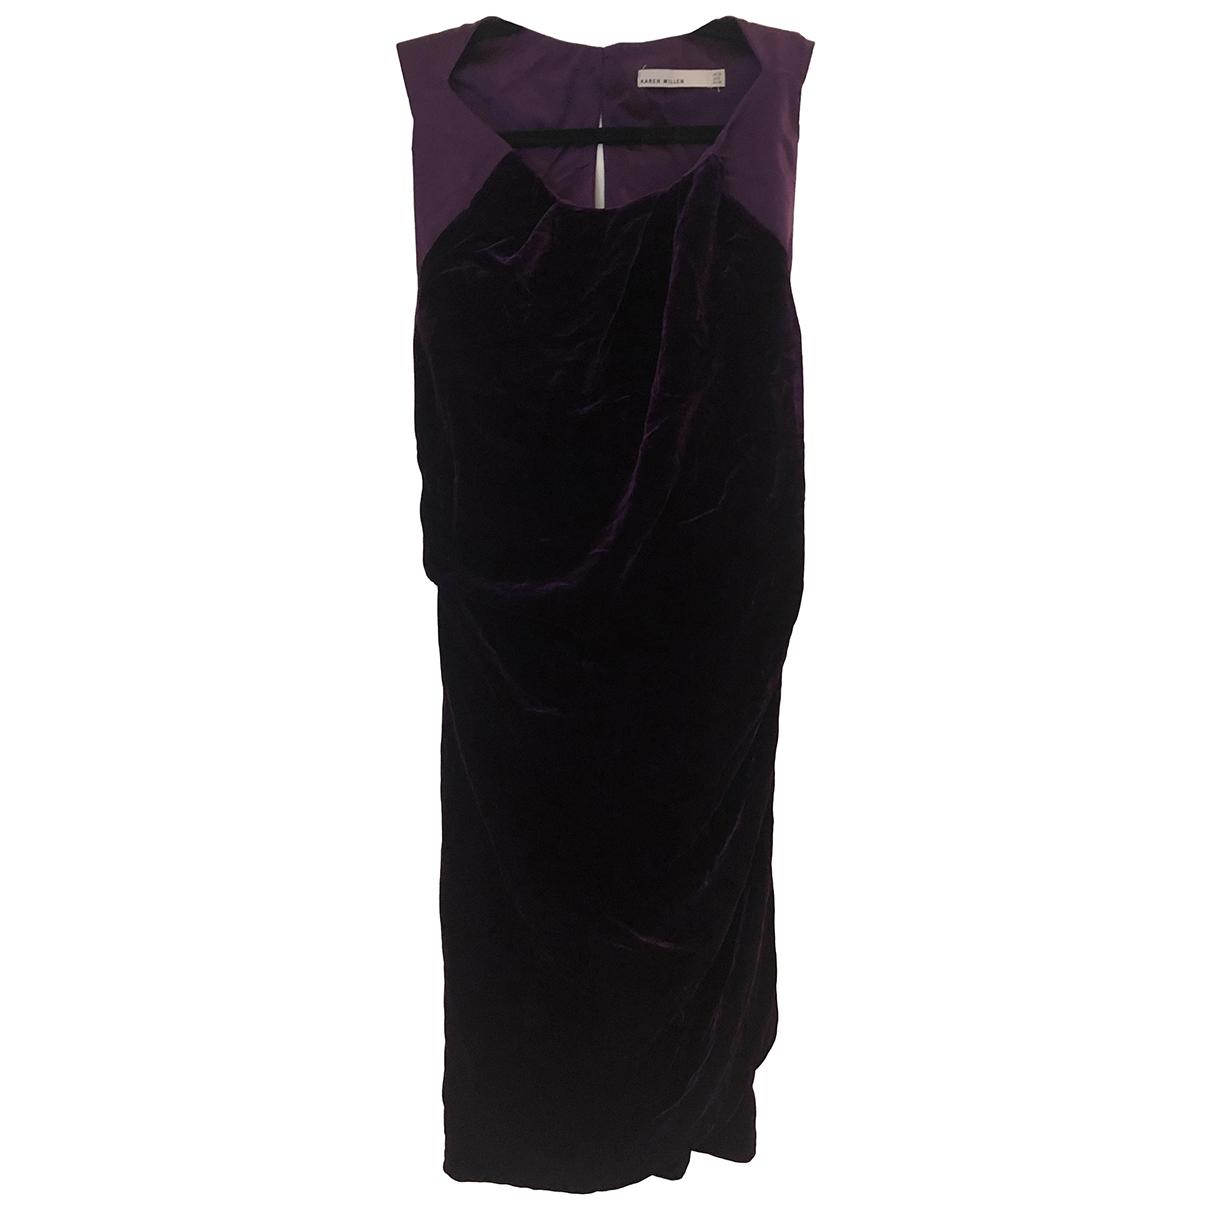 Karen Millen \N Purple dress for Women 10 UK